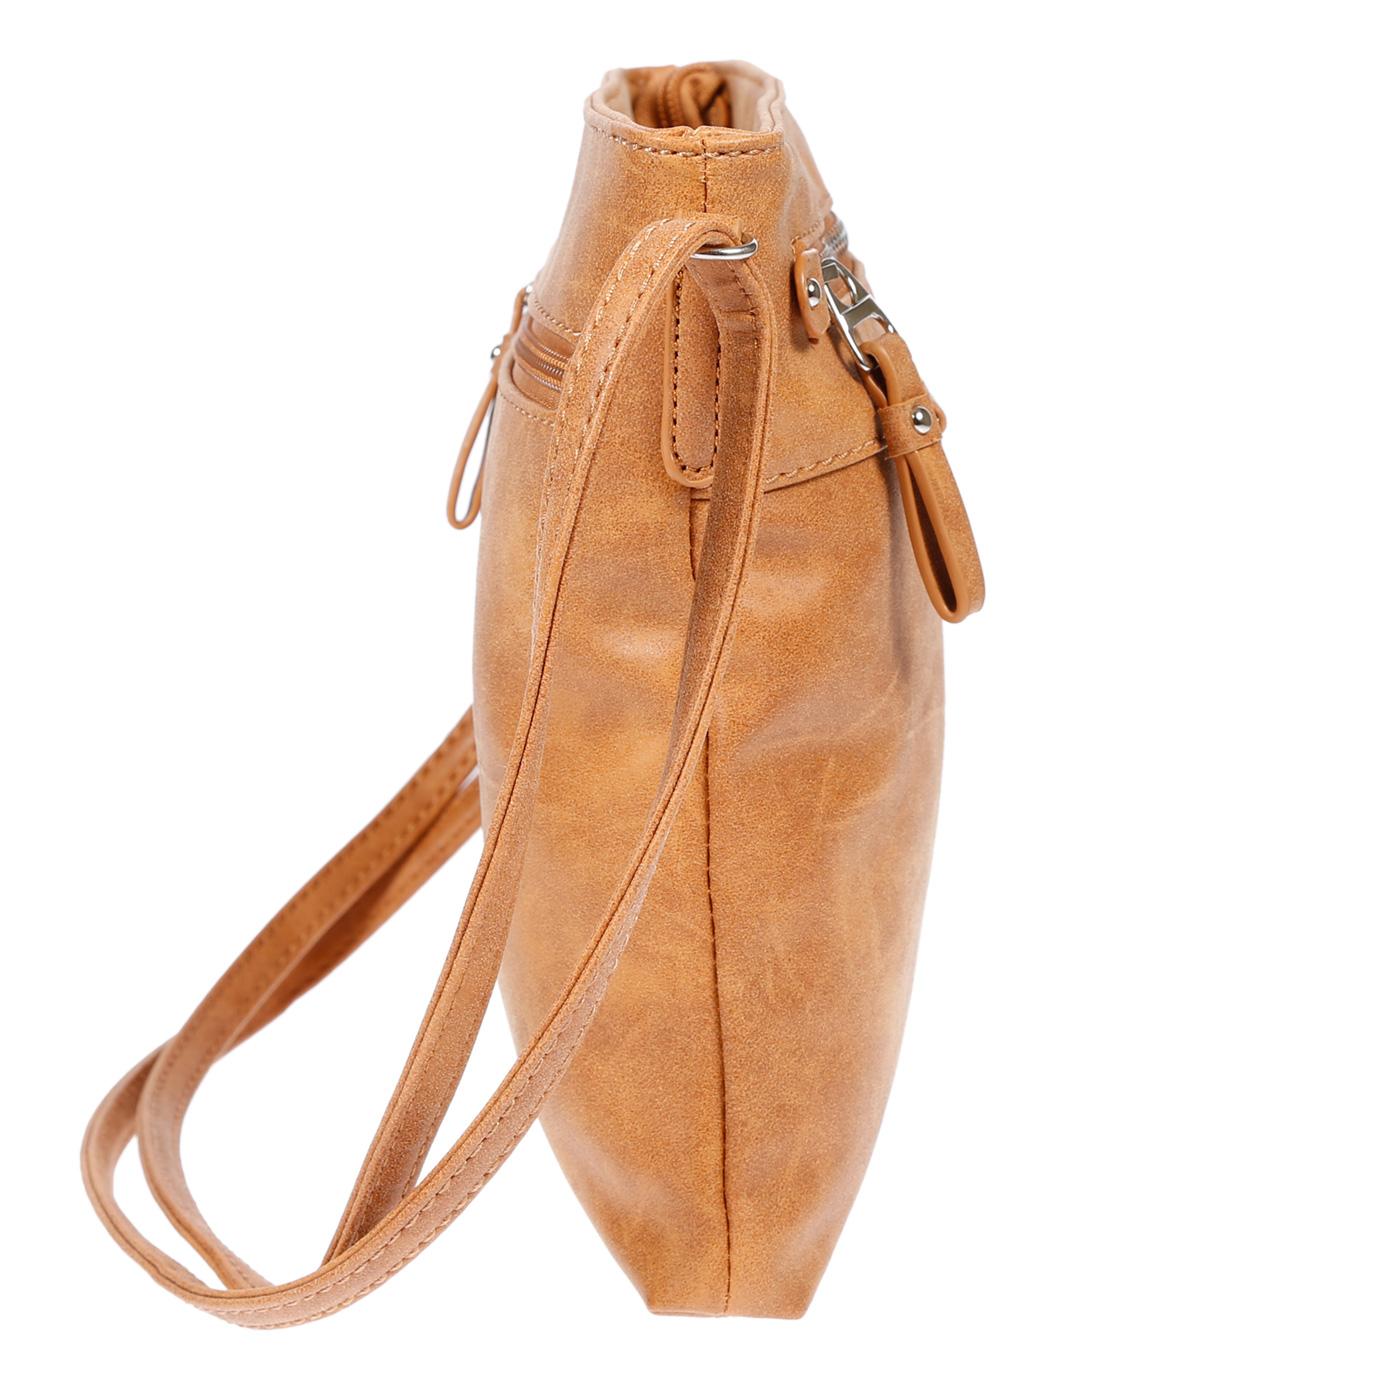 Damen-Handtasche-Umhaengetasche-Schultertasche-Tasche-Leder-Optik-Schwarz-Weiss Indexbild 32